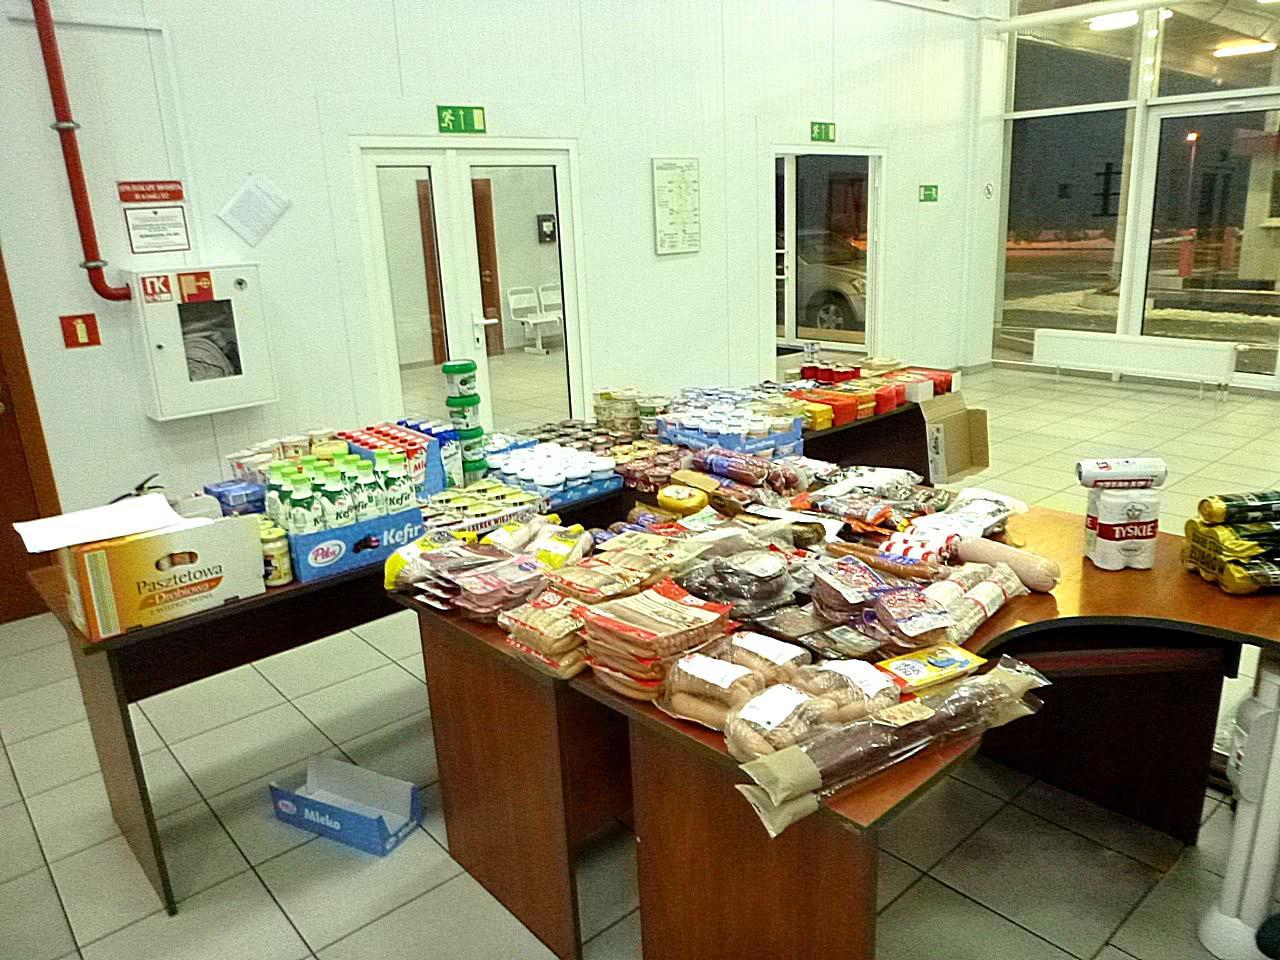 445 кг сыра и колбасы для знакомых - Криминал